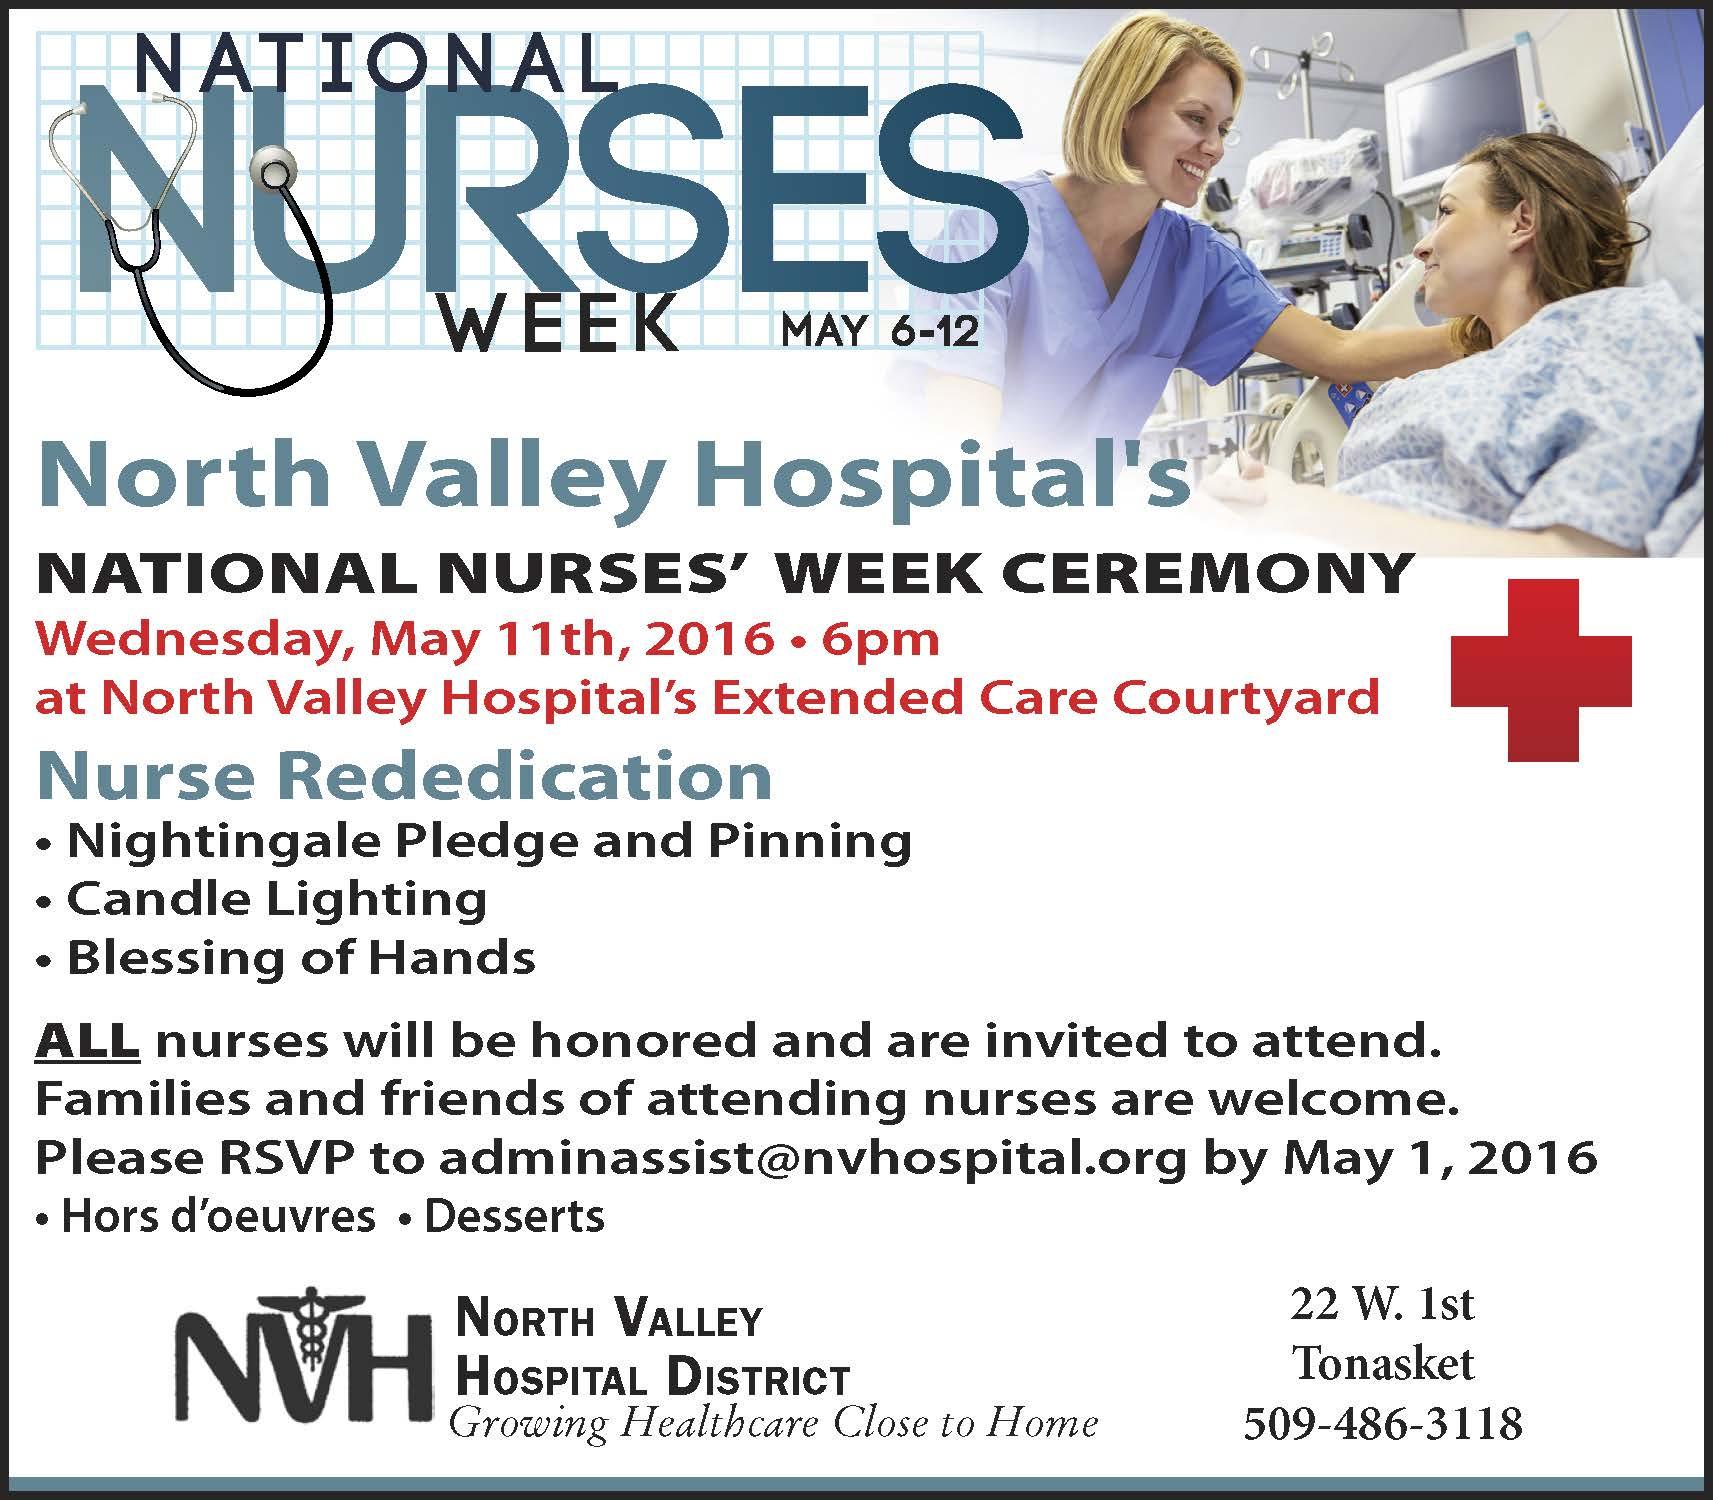 NVH Nurses week Apr 28.jpg